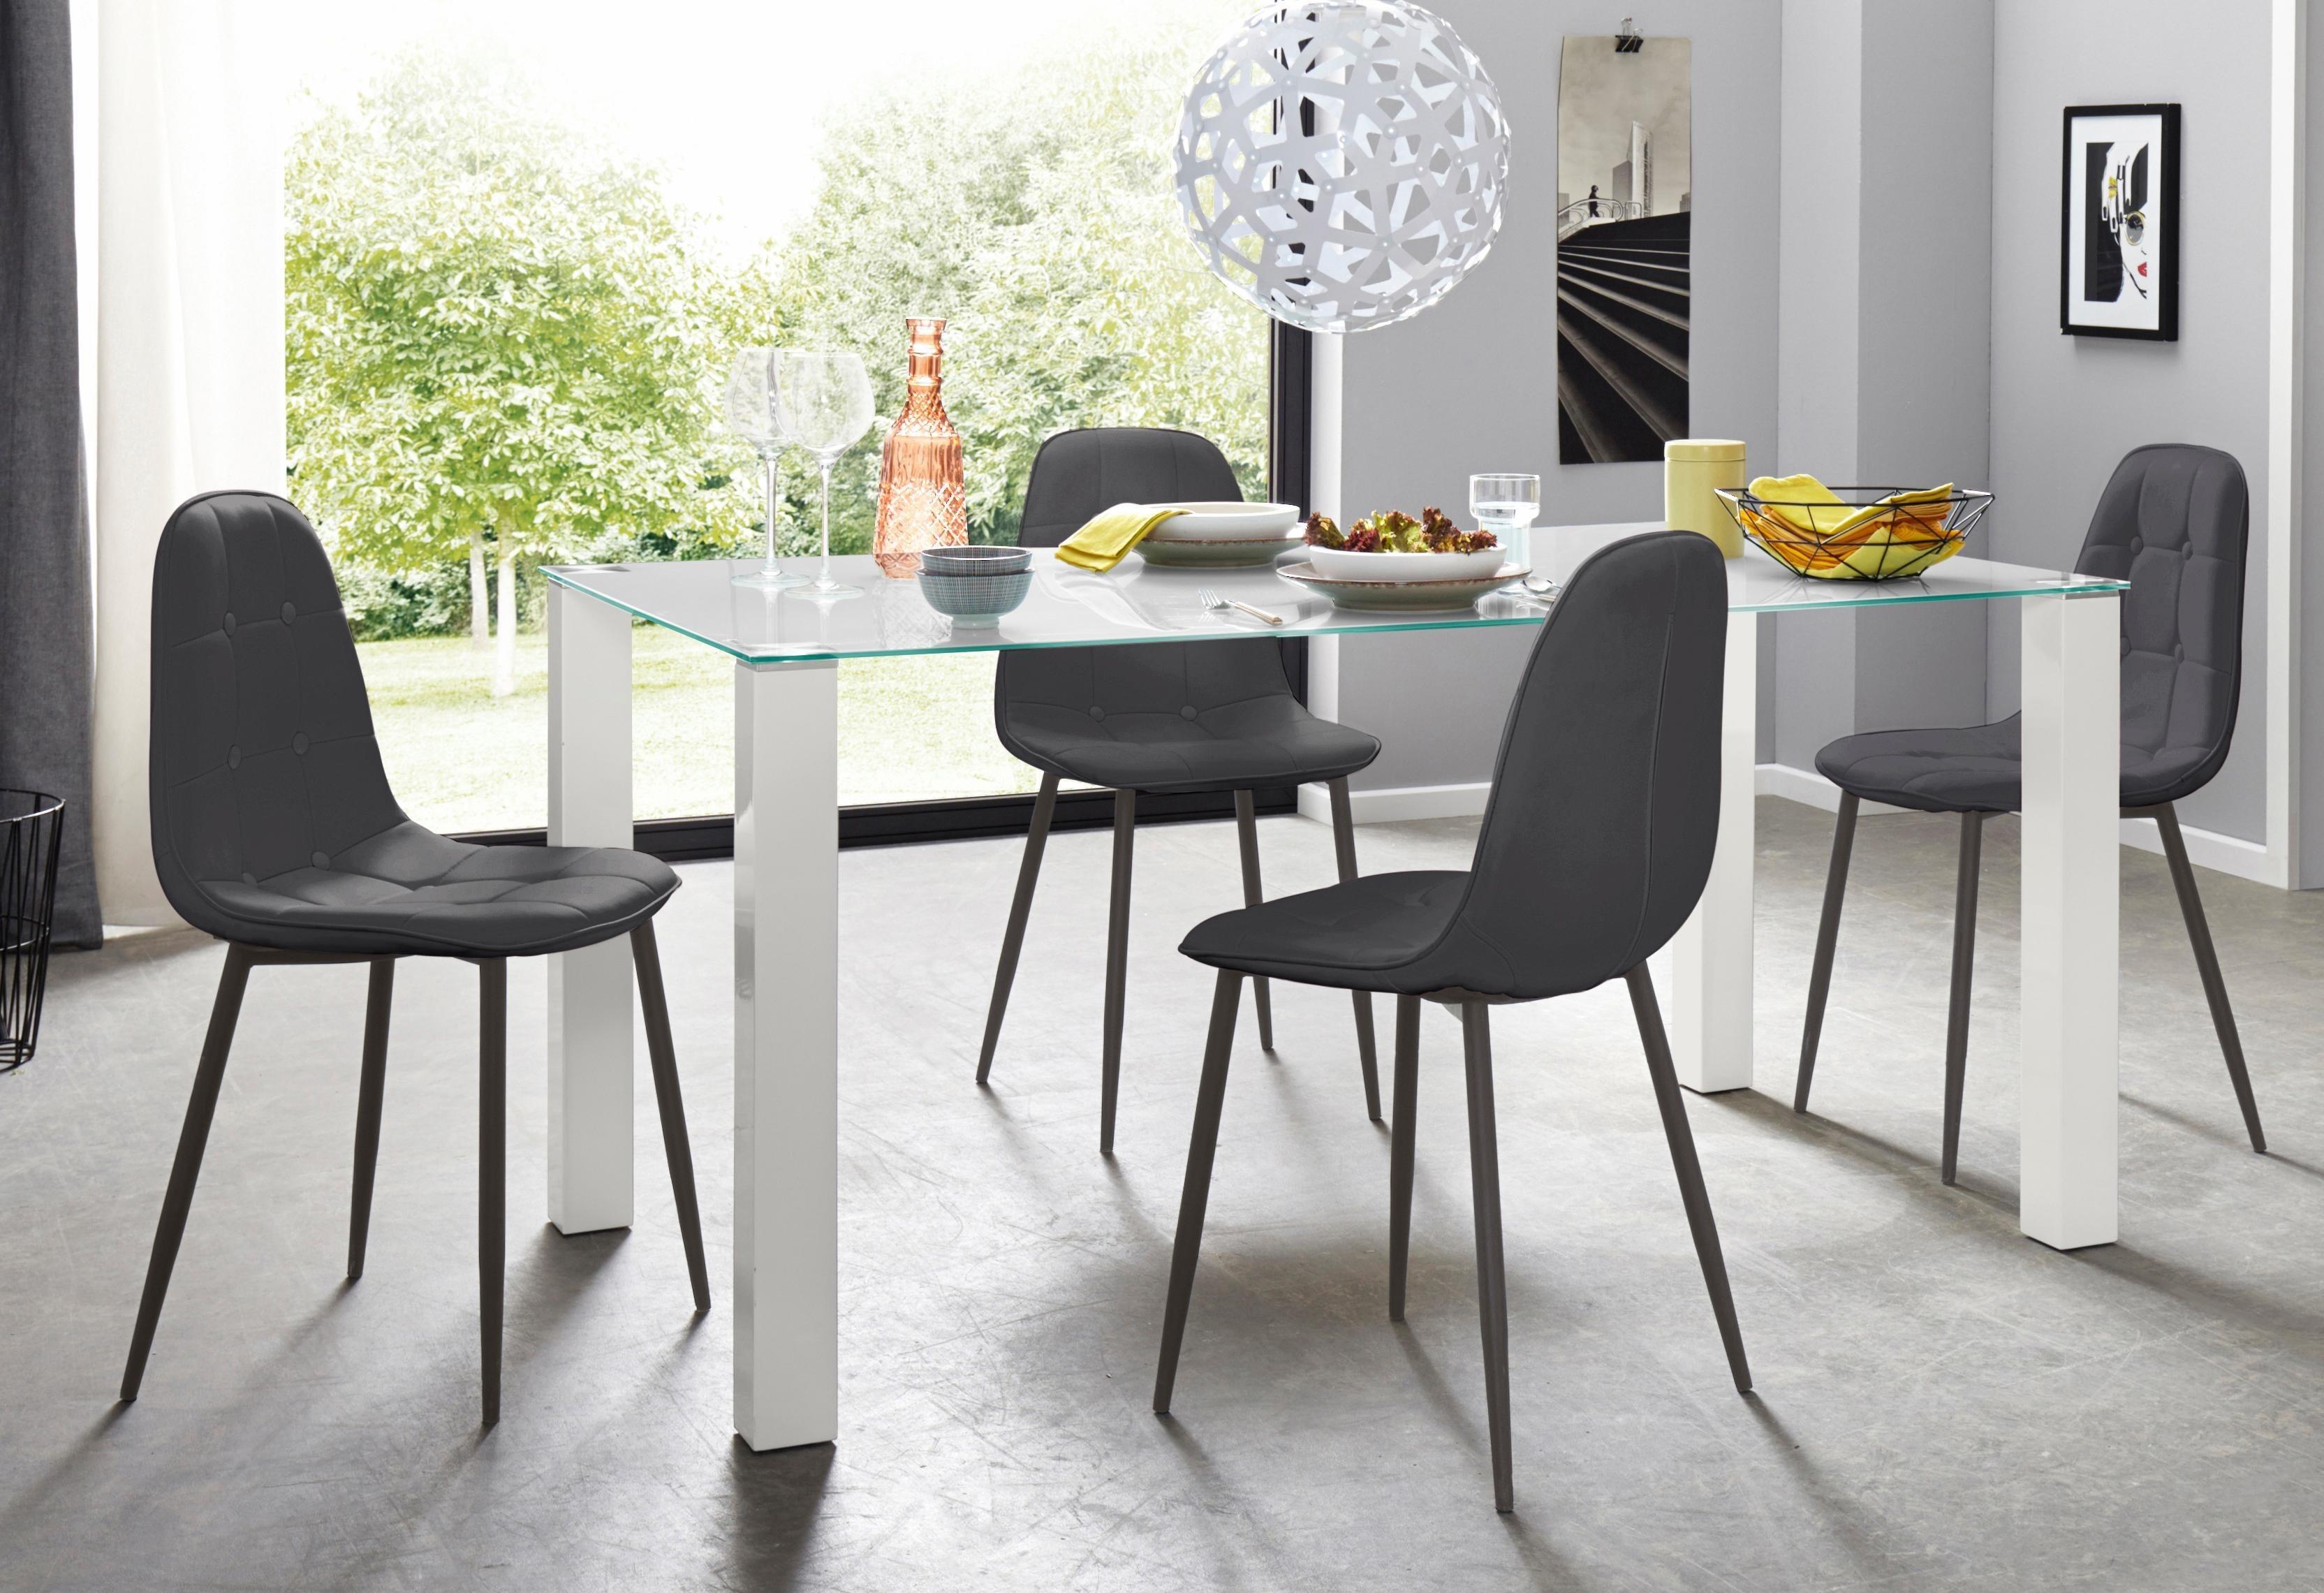 Essgruppe 5-teilig mit Glastisch 160 cm breit | Wohnzimmer > Tische > Glastische | Schwarz